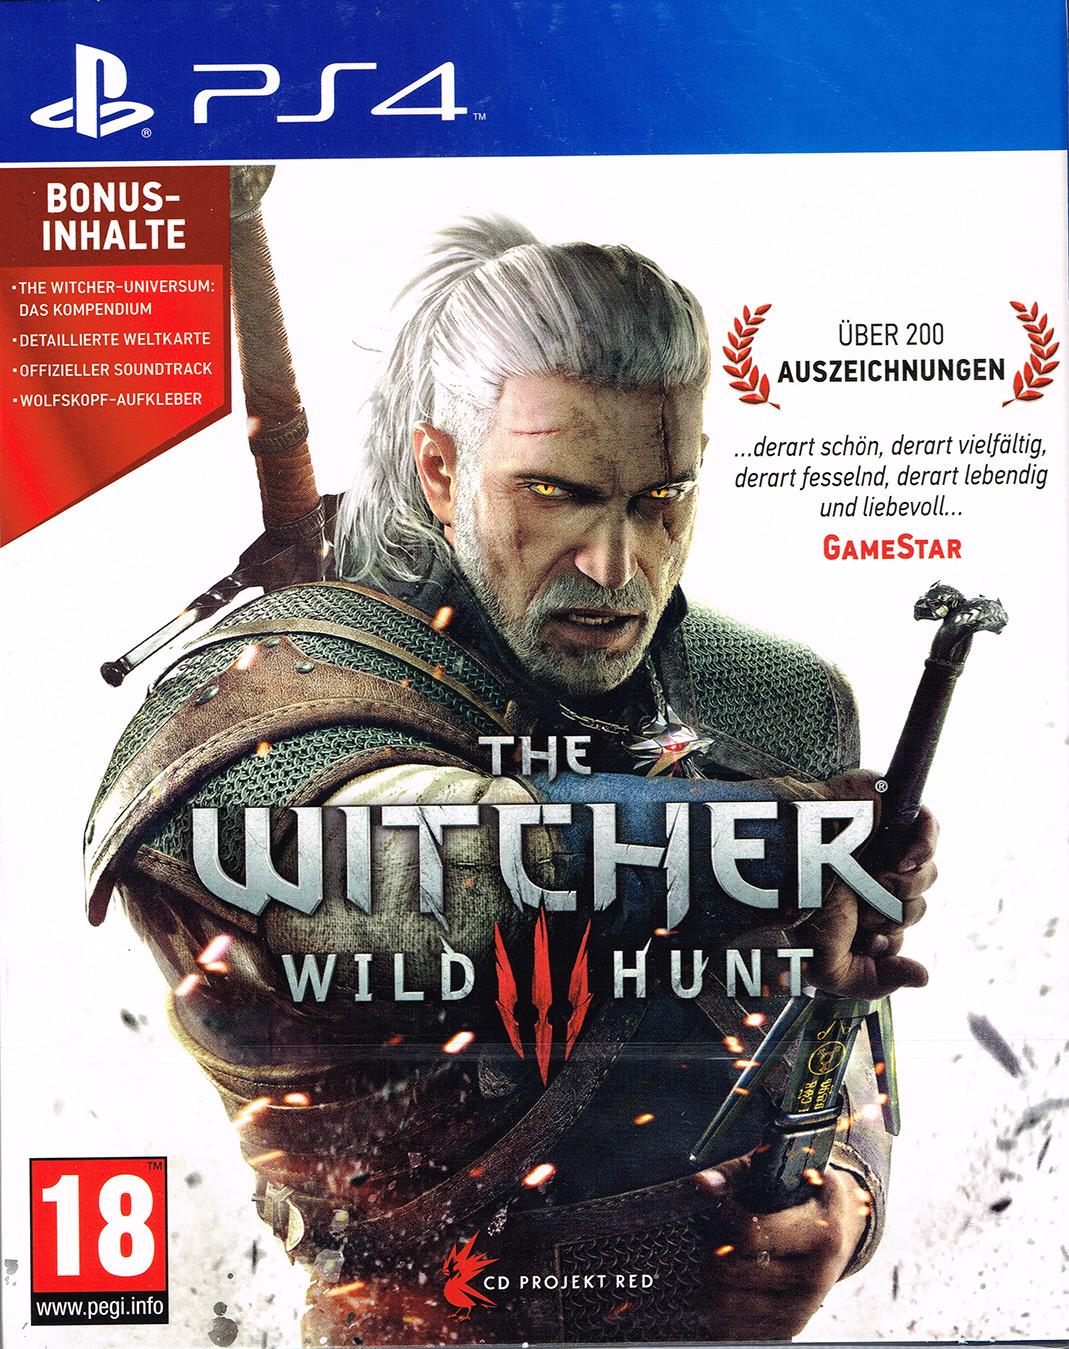 gameware.at: The Witcher 3: Wild Hunt für PS4, XONE, PC um €29,90